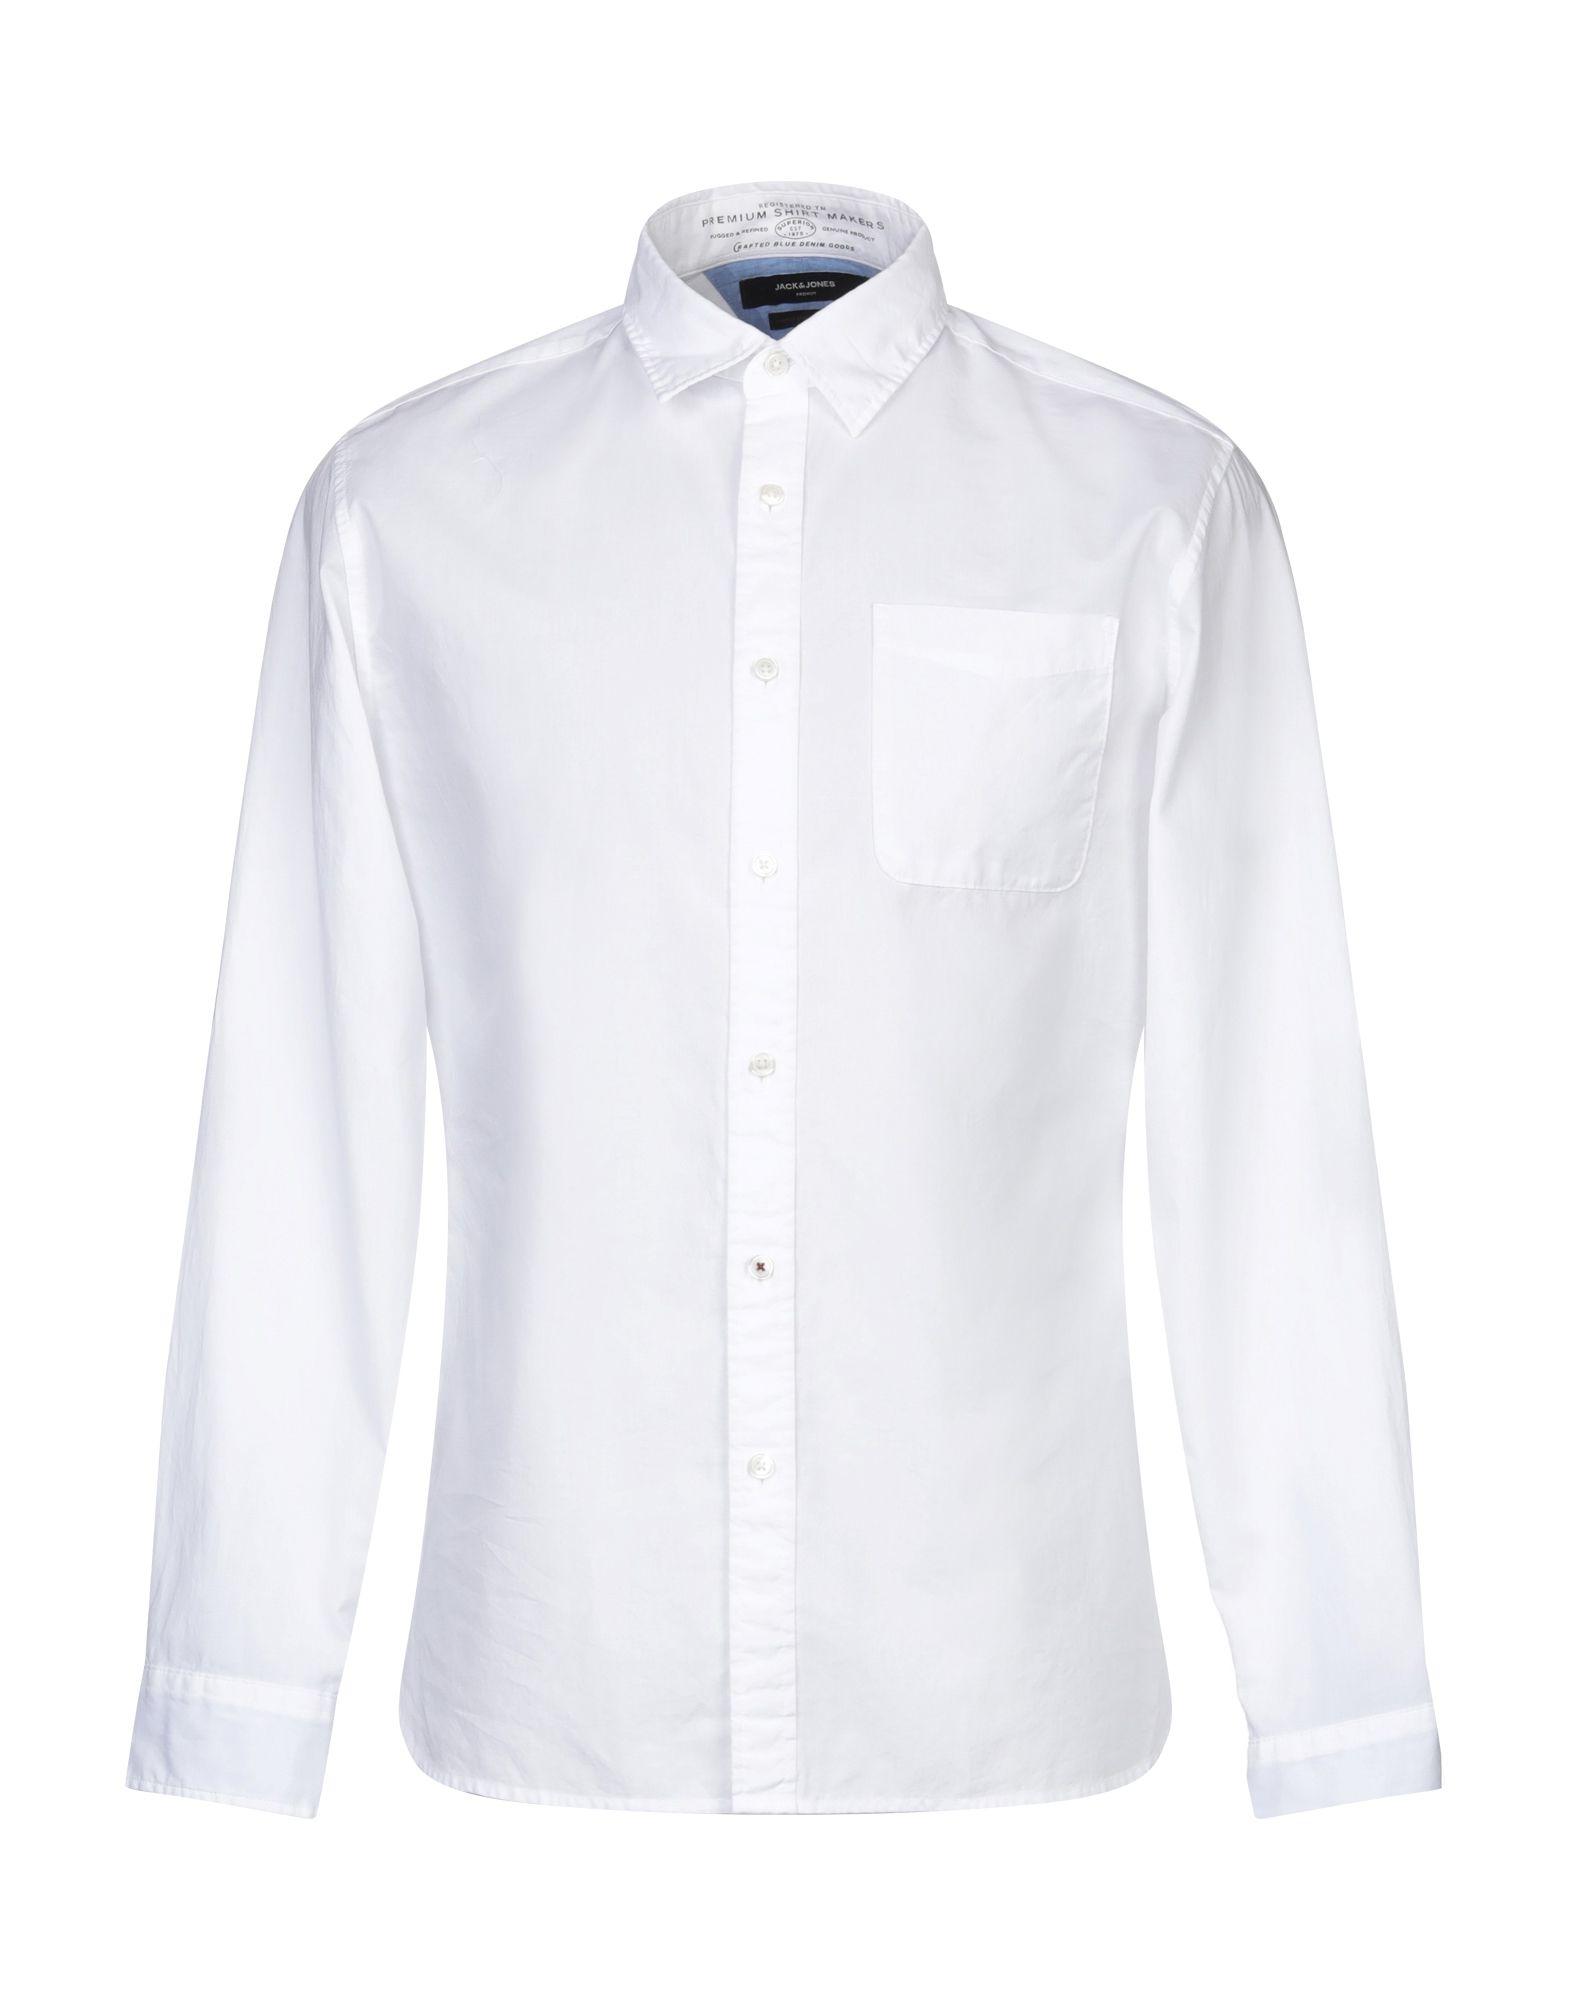 《期間限定セール開催中!》JACK & JONES PREMIUM メンズ シャツ ホワイト XL コットン 100%